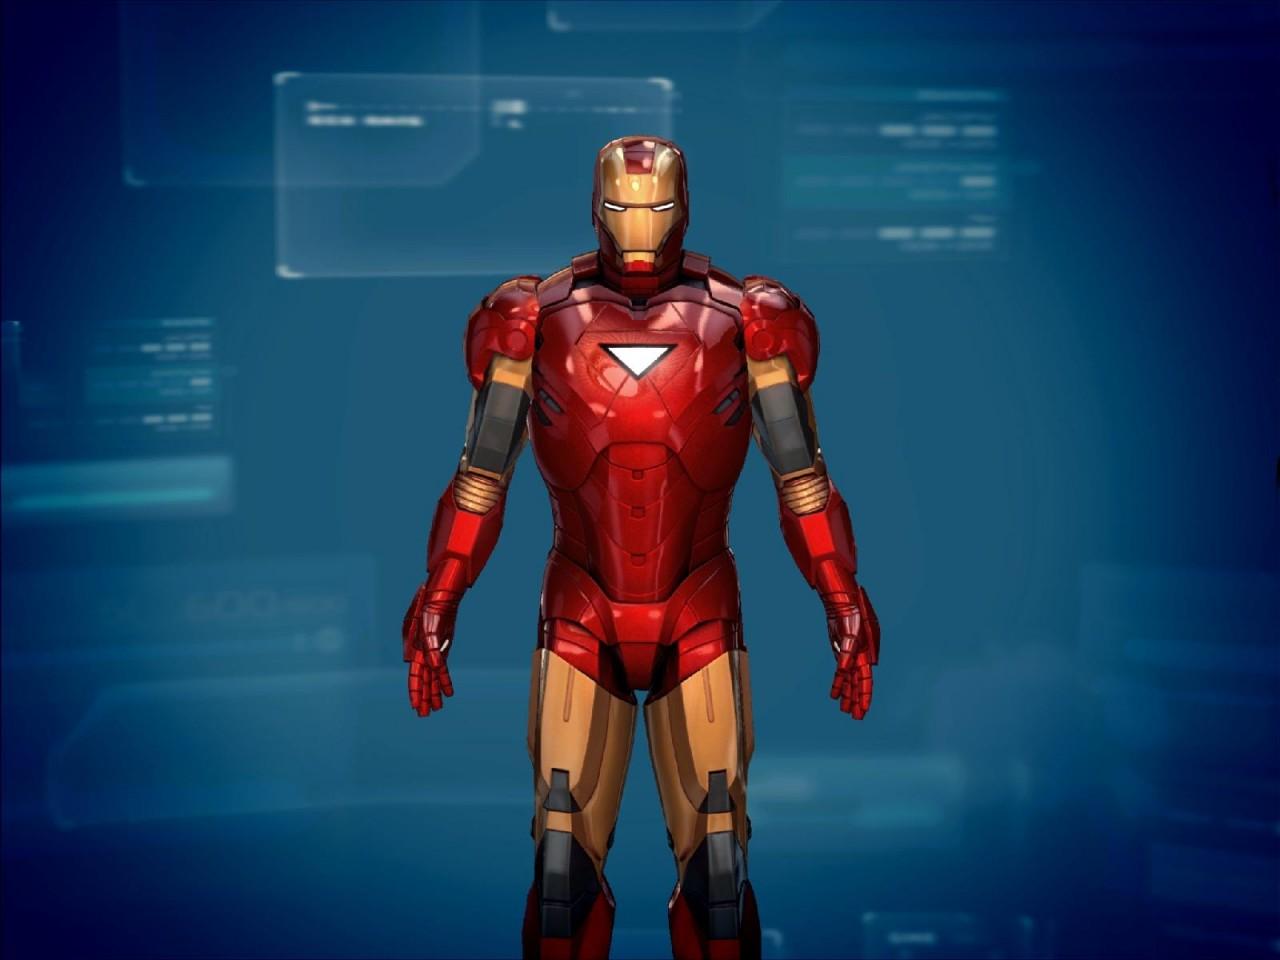 Les armures toutes les armures d 39 iron man for Plan d iron man